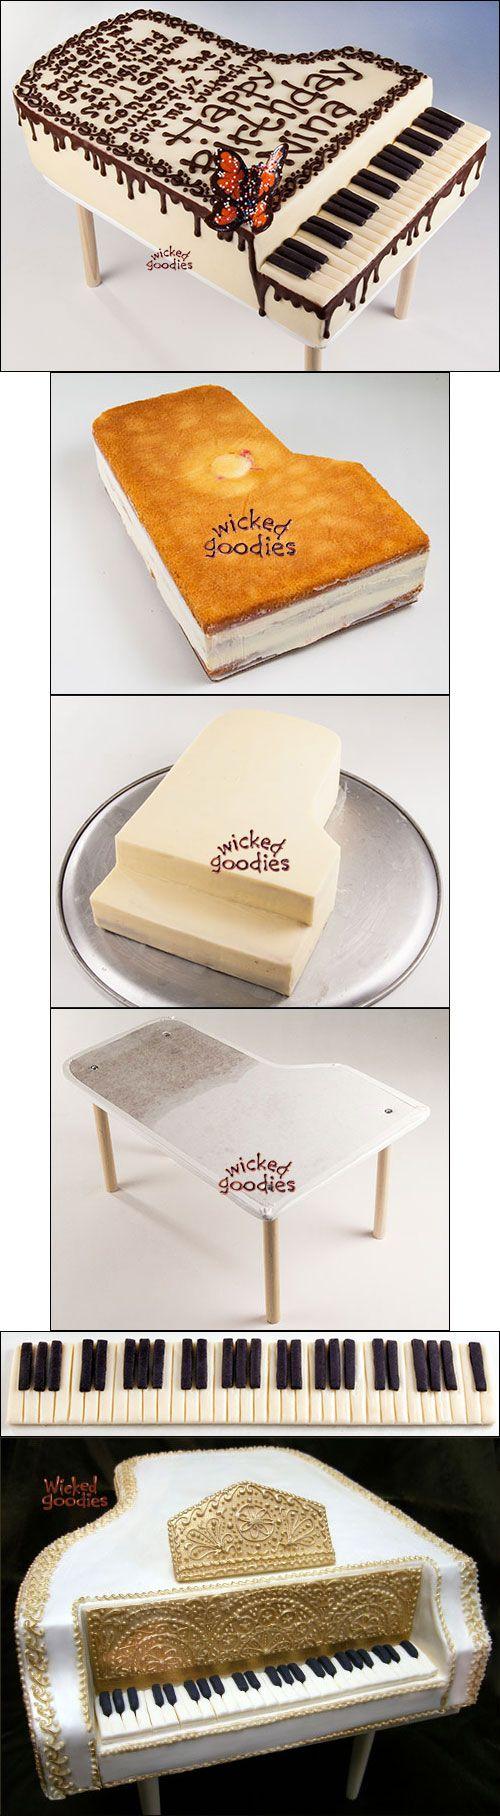 Para cuando un cliente quiera un pastel en forma de piano.